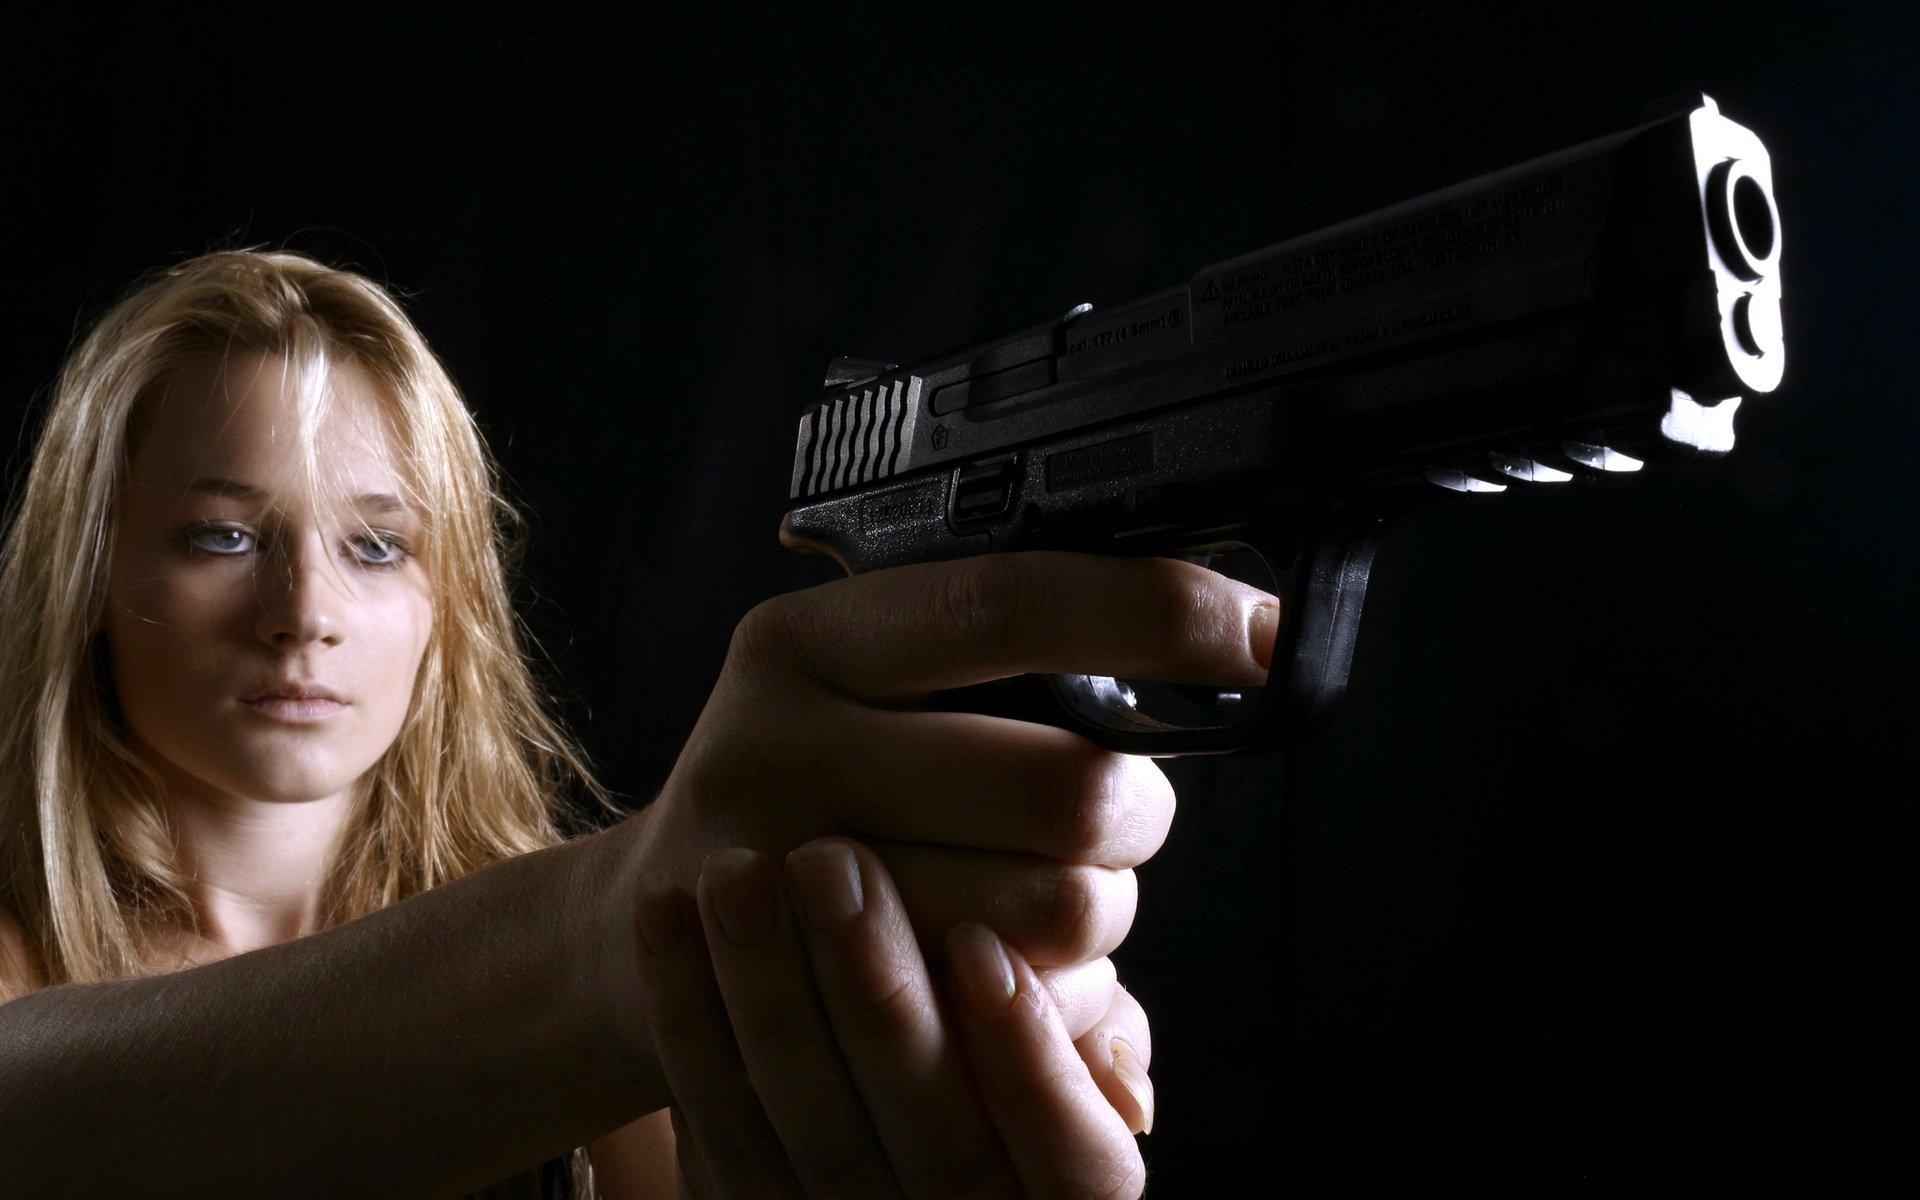 свернул фото девушки наставившей пистолет на парня менее полюбоваться всегда